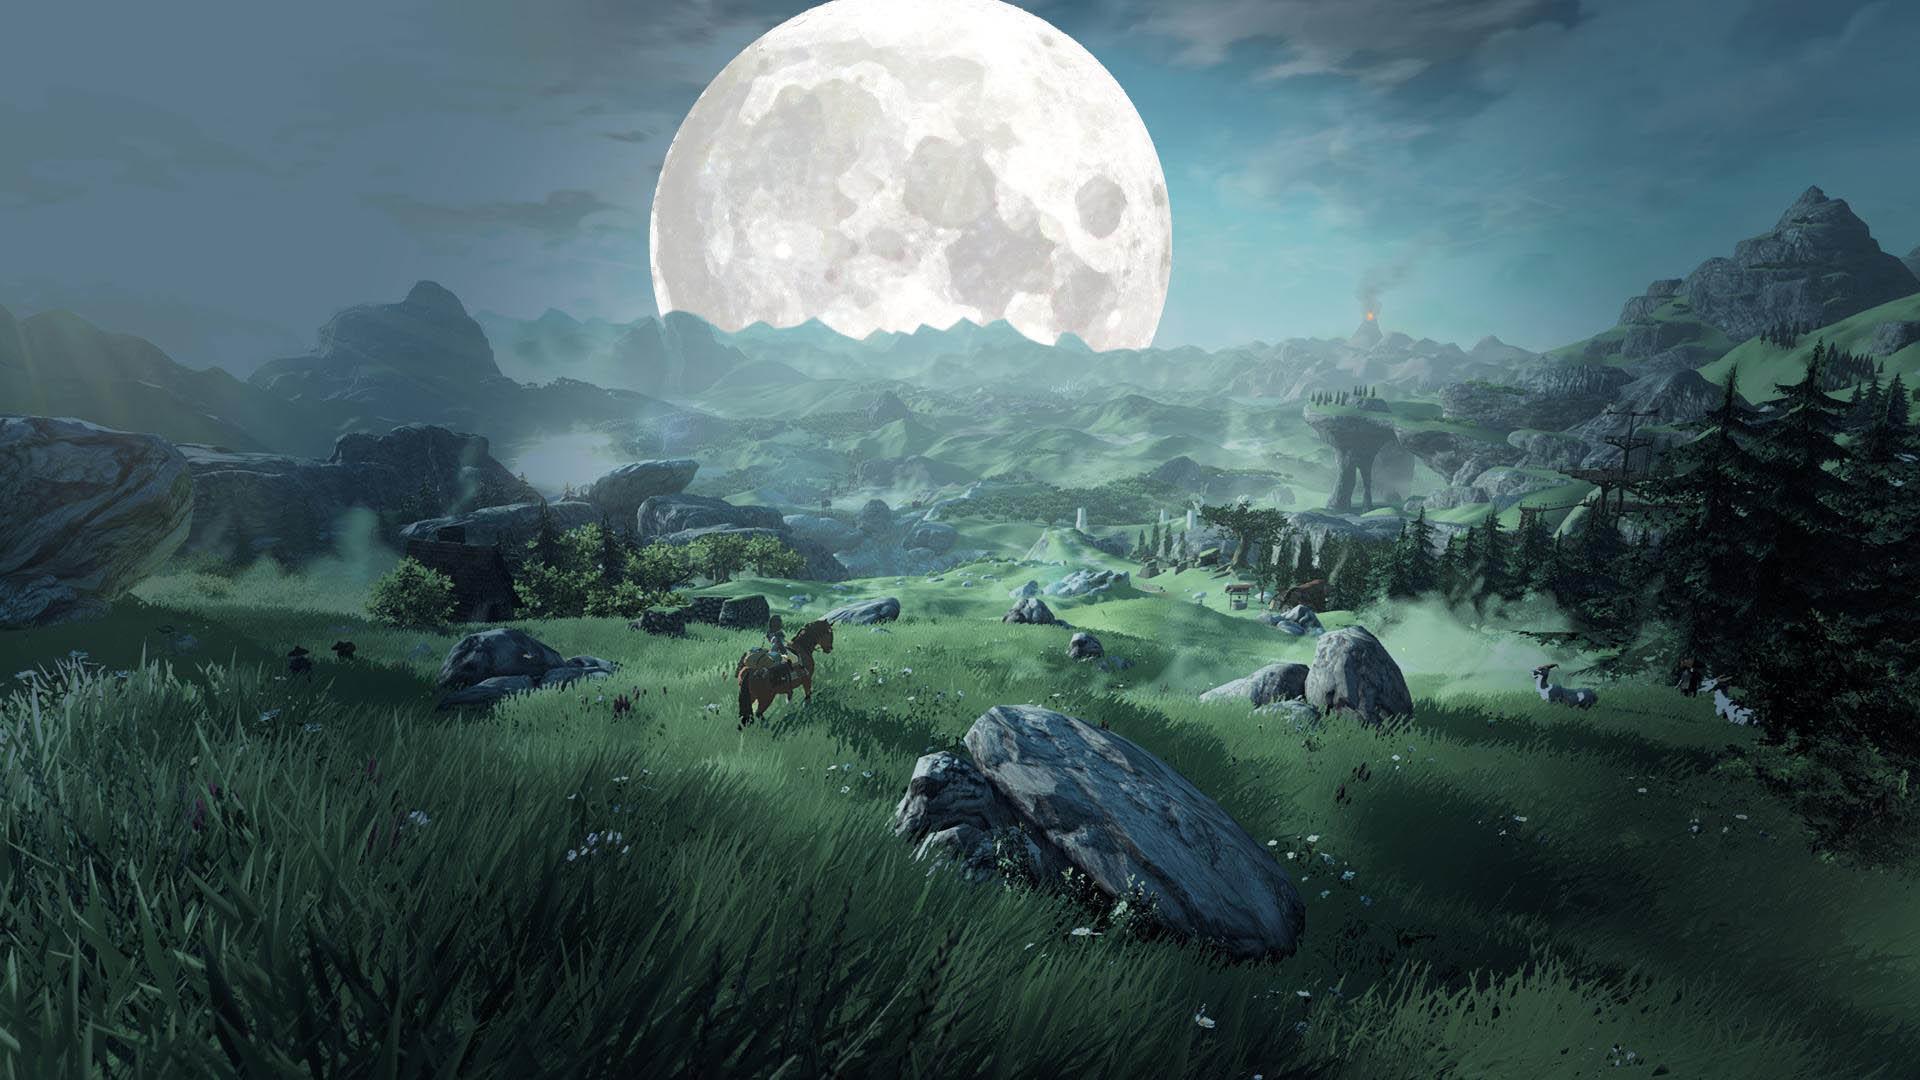 The Legend of Zelda Wii U Landscape at Night wallpaper